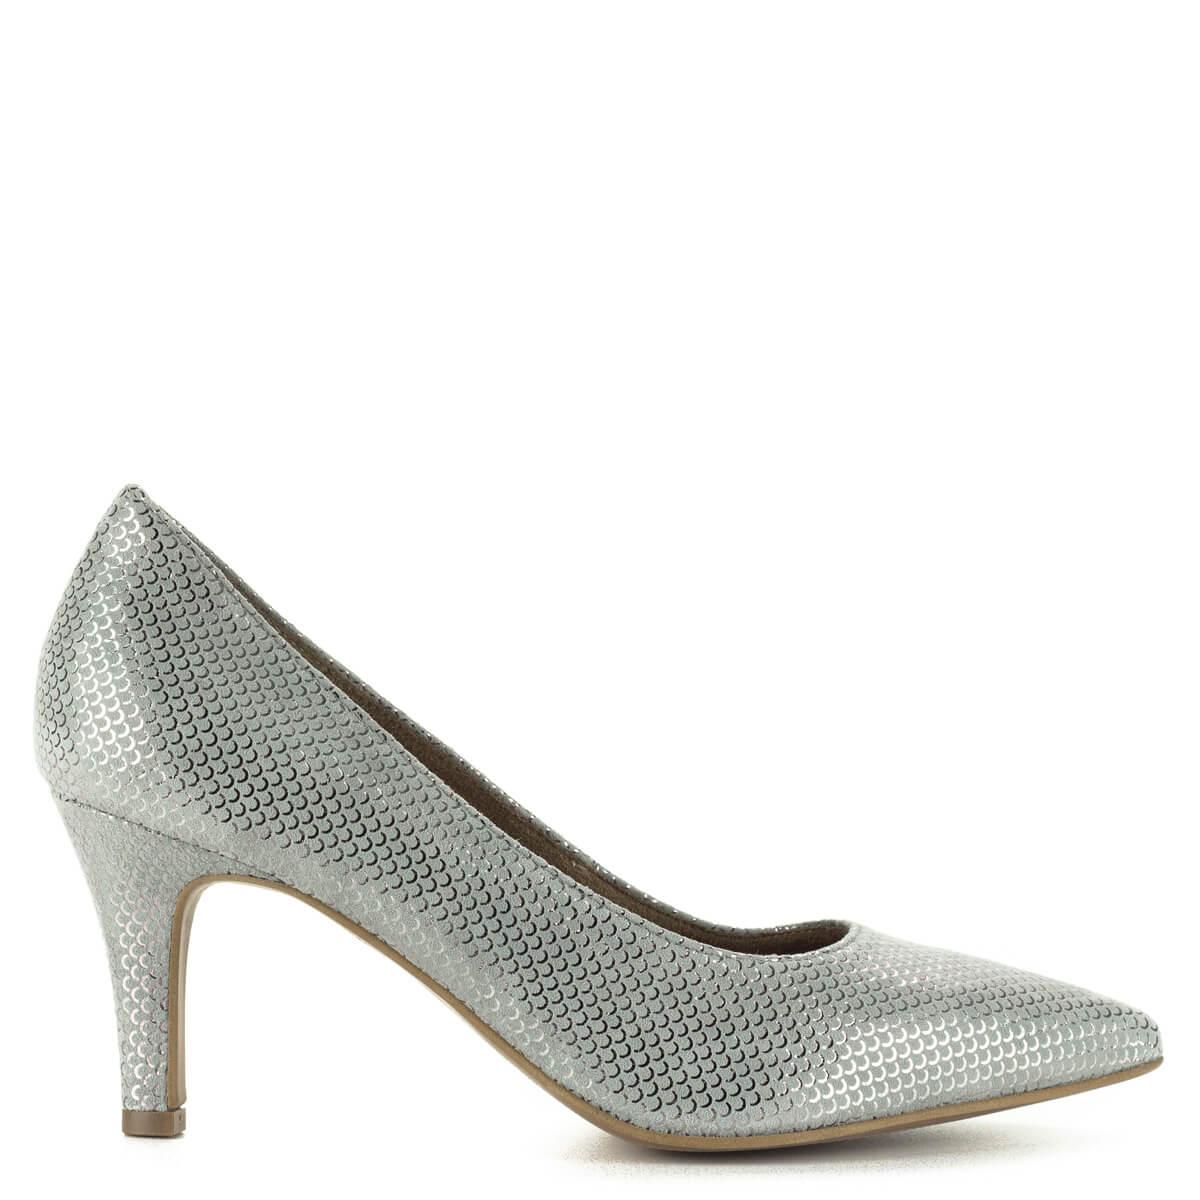 Tamaris alkalmi cipő szürke színben, 7 cm magas sarokkal